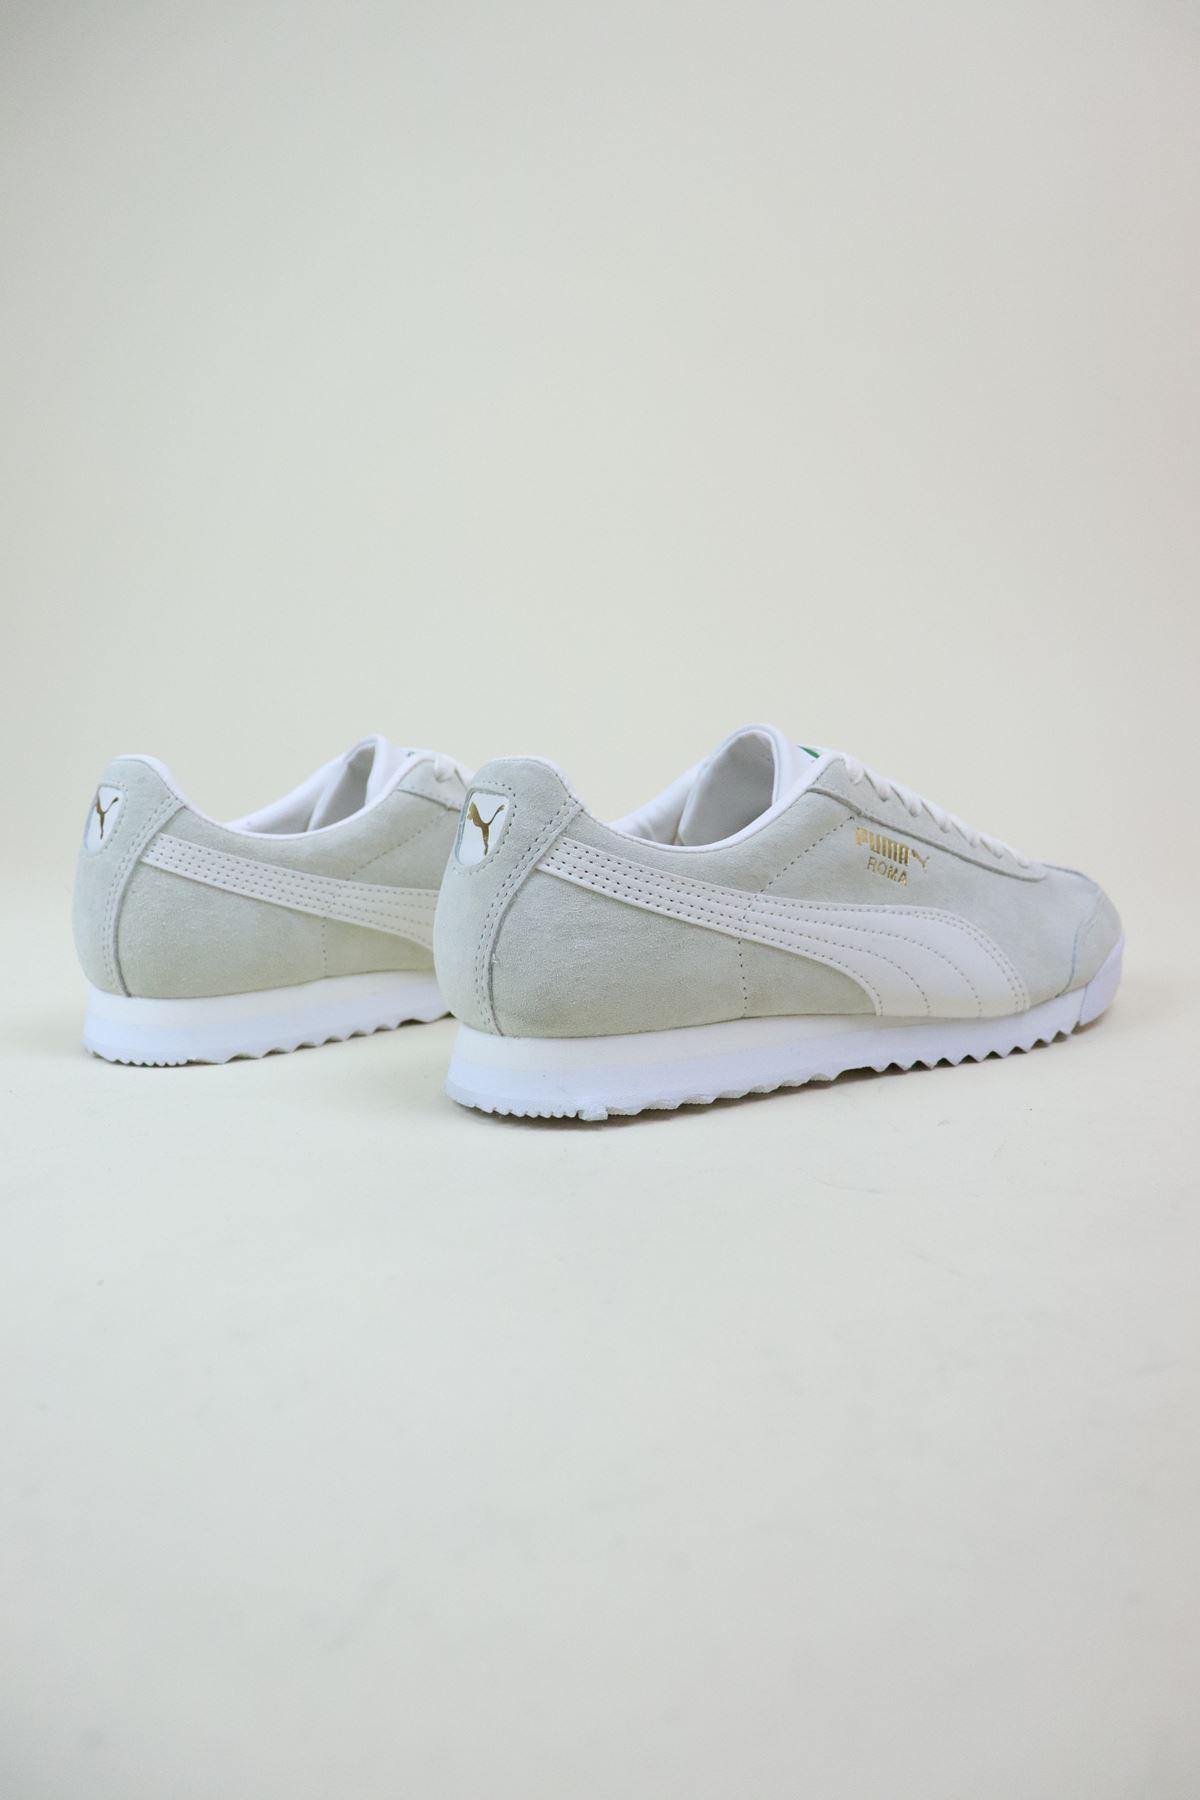 Puma 354259 Gri Kadın Spor Ayakkabı